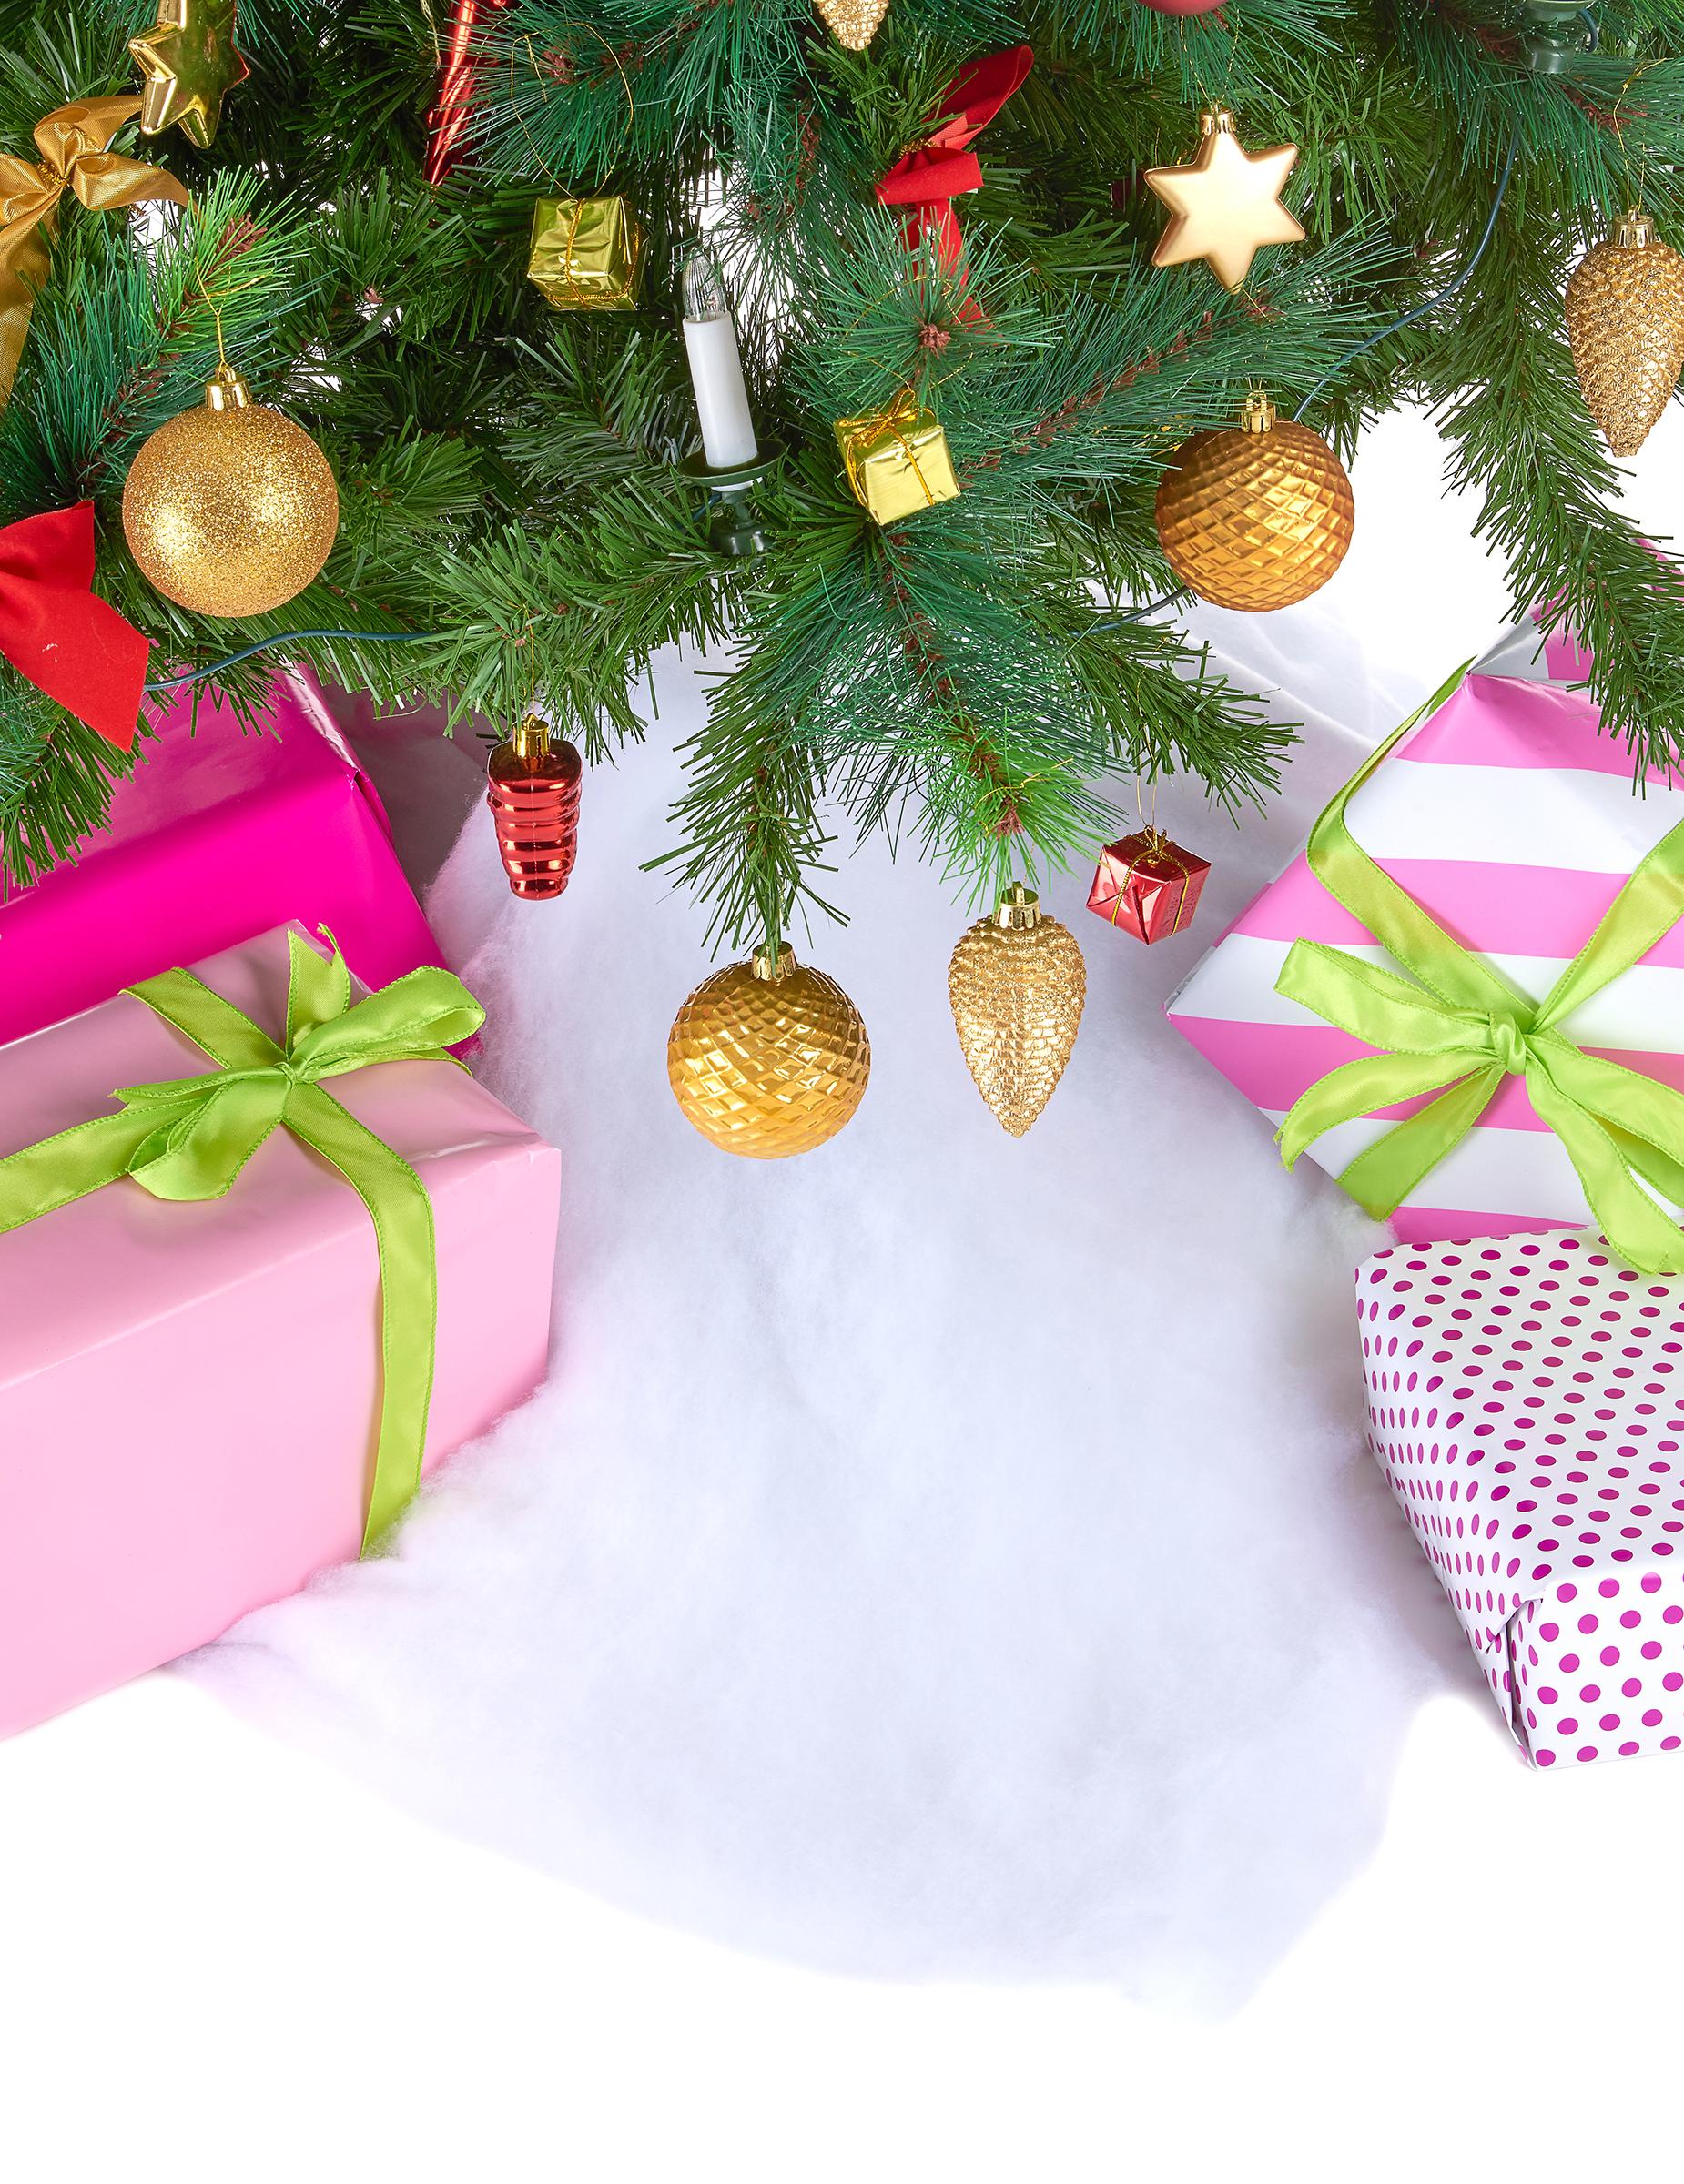 #BC0F71 Couverture Neige 245 X 38 Cm Noël Décoration Anniversaire  6067 decoration de noel theme polaire 1850x2400 px @ aertt.com